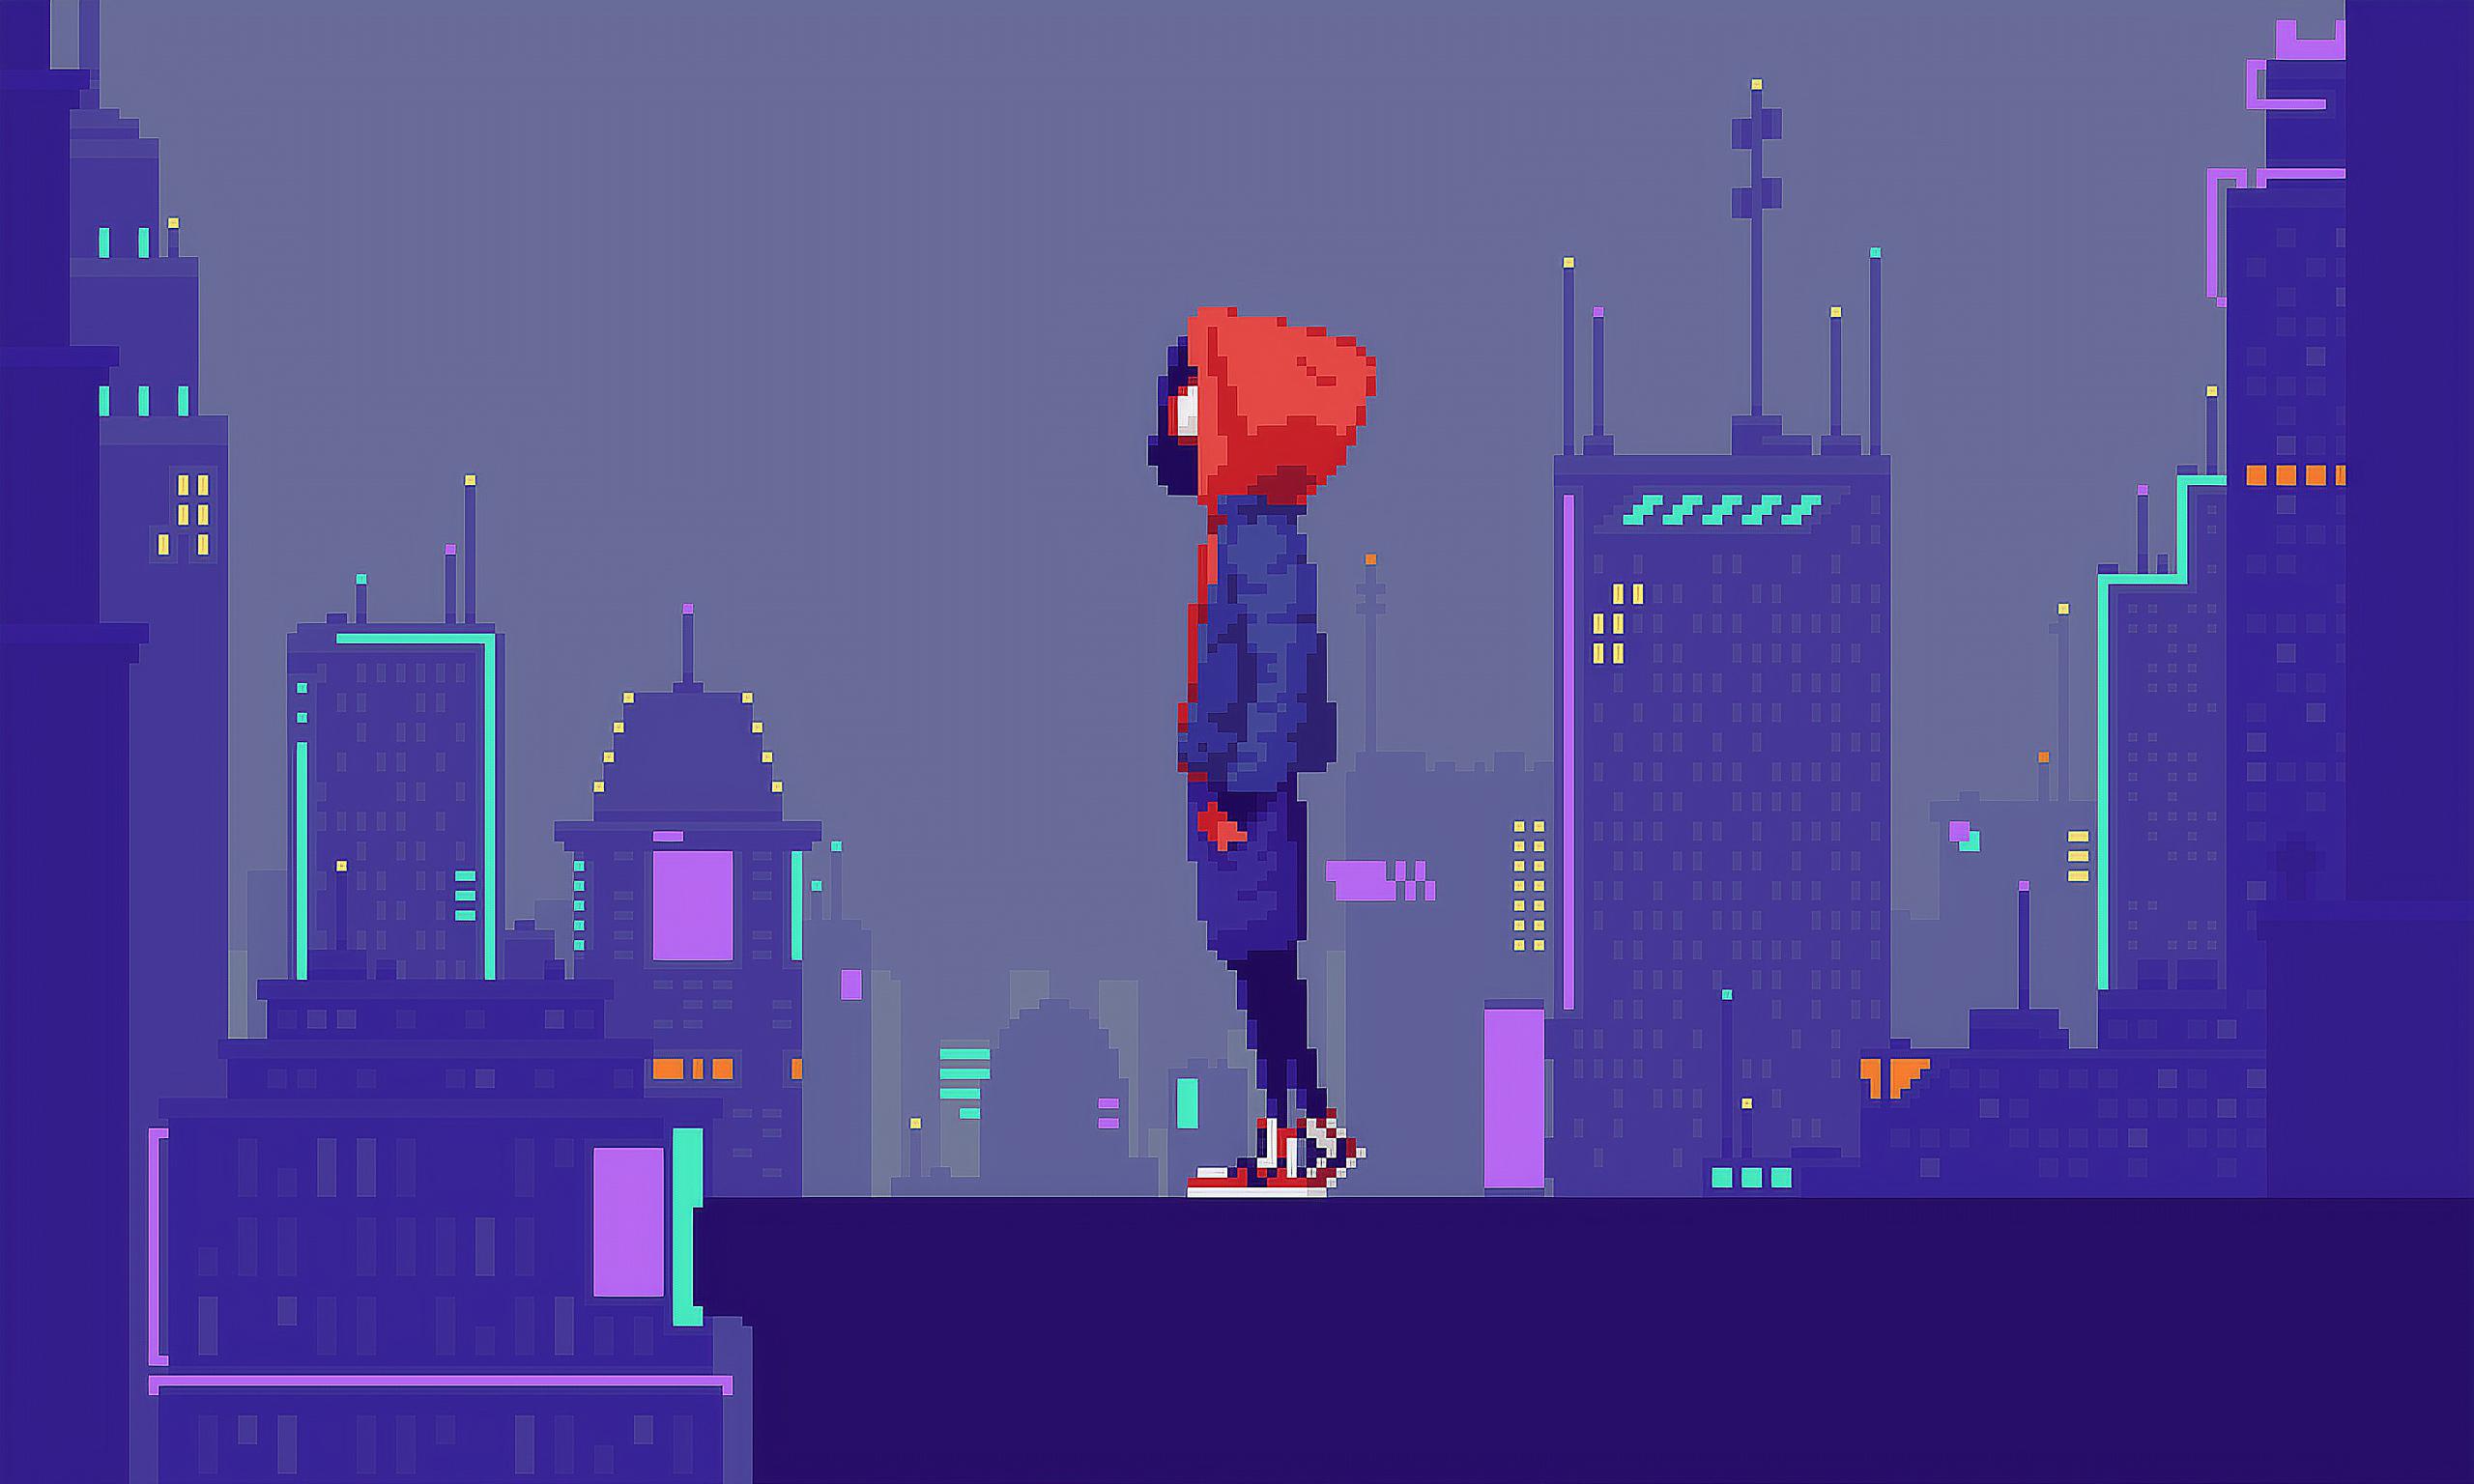 Pixel Art Desktop Wallpaper Posted By Ethan Peltier